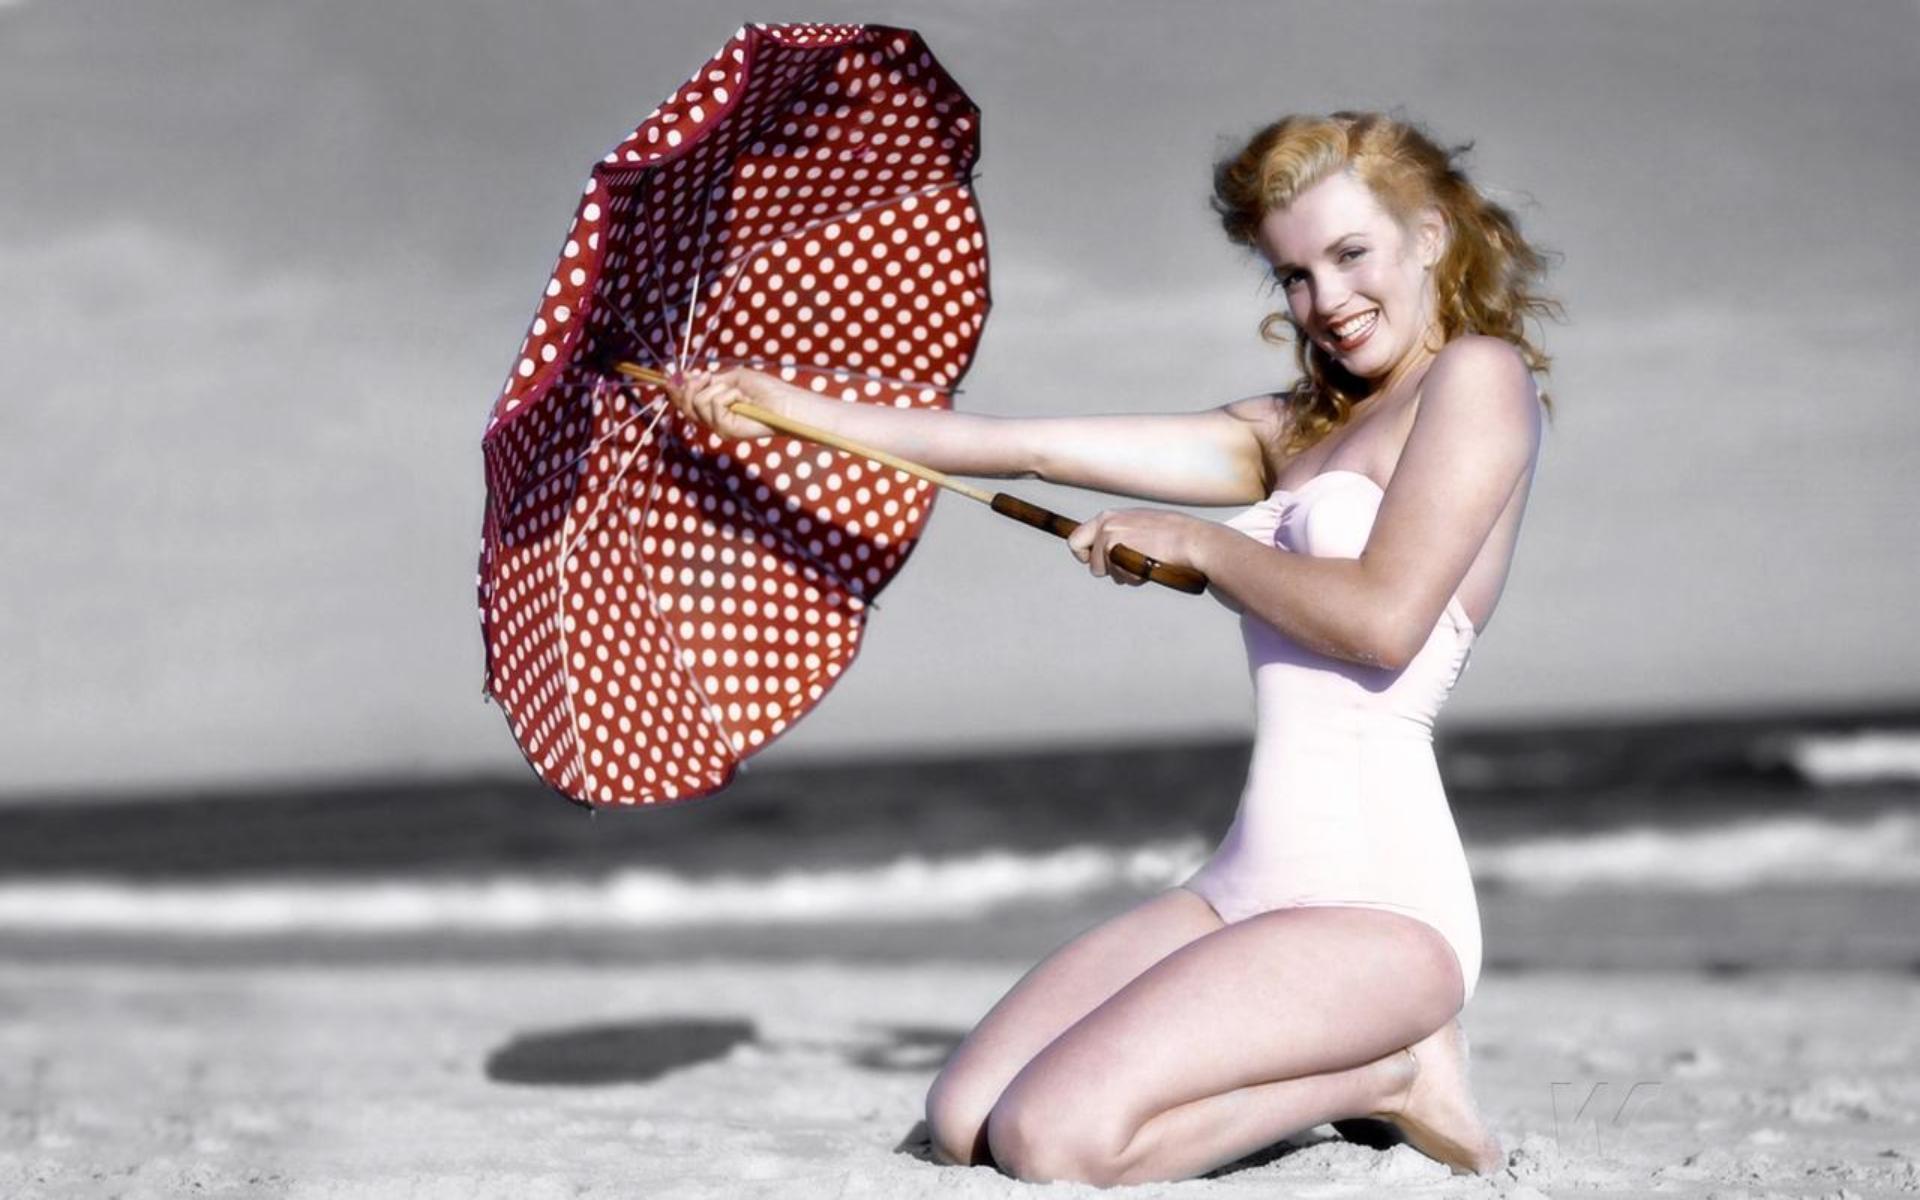 531dd7546292b8 Dieta w stylu pin-up: Jak Marilyn Monroe i inne ikony stylu dbały o ...